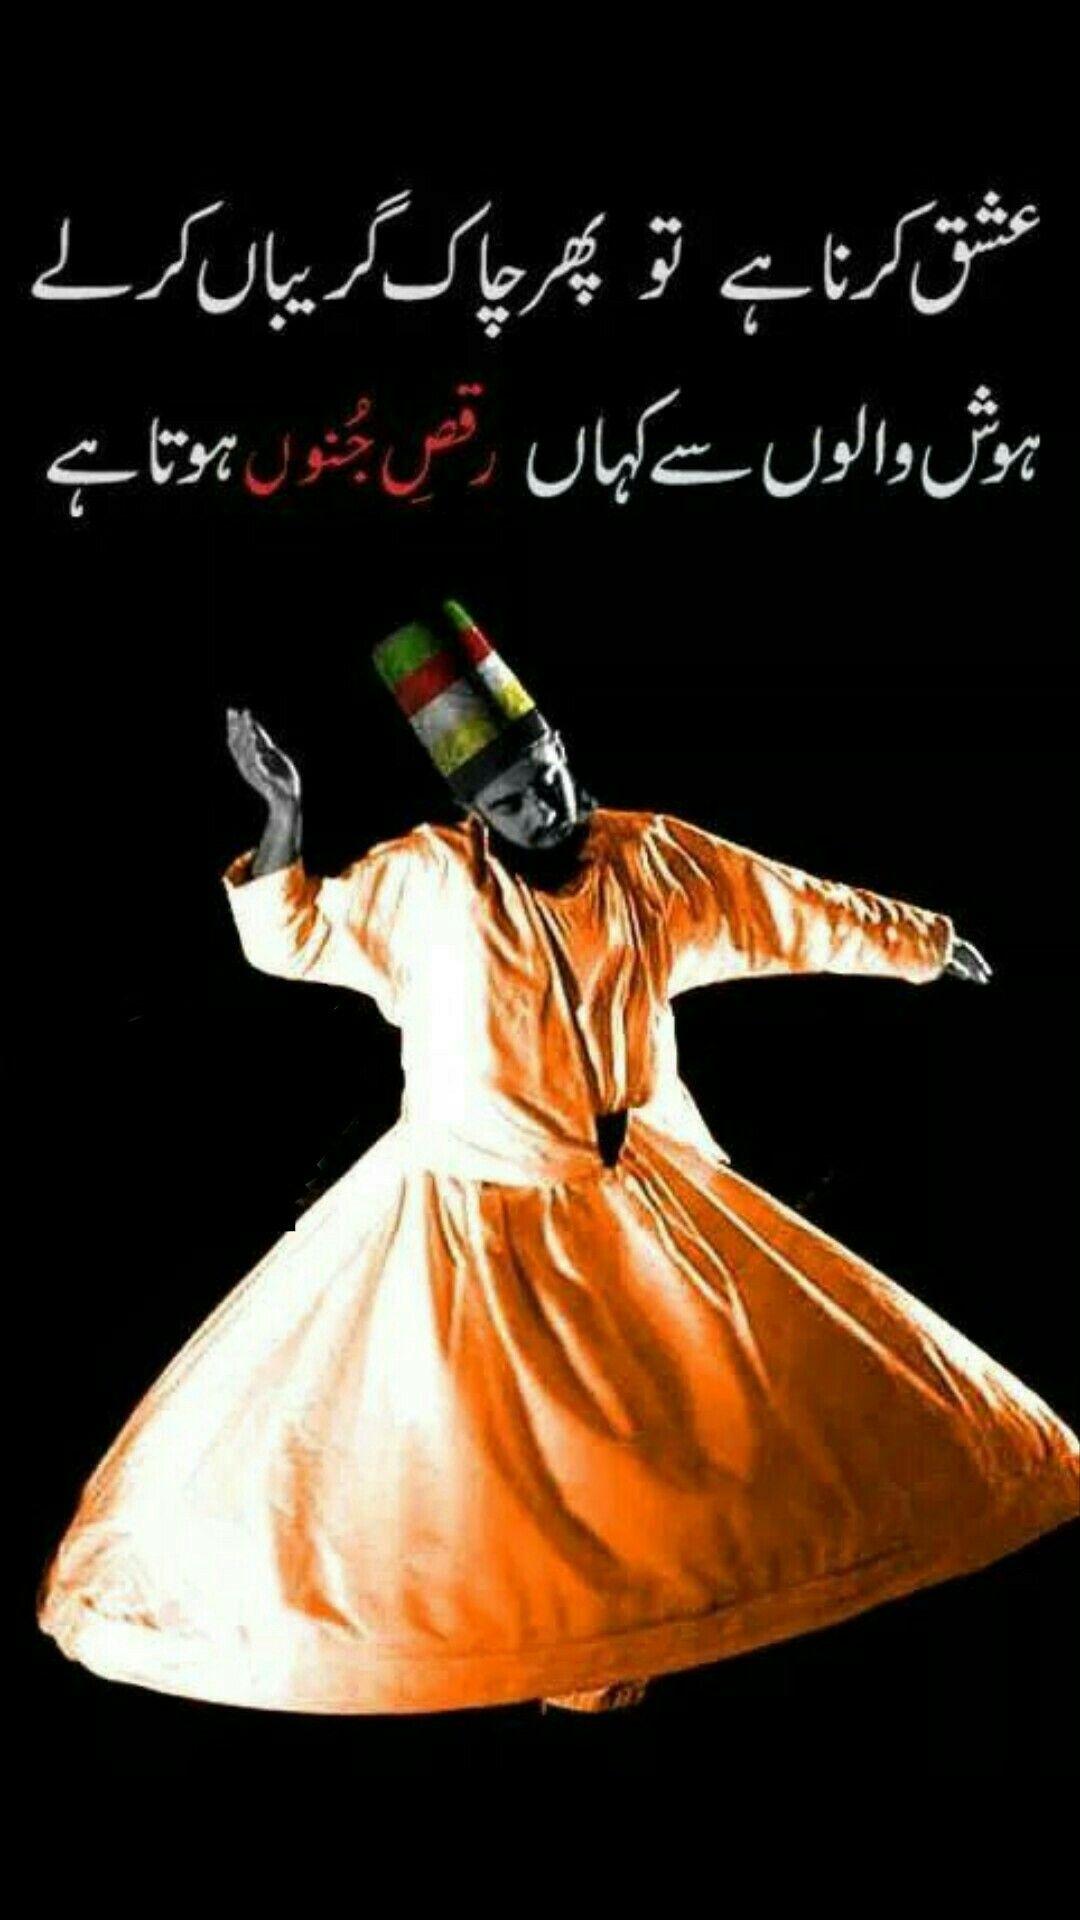 Rumi Quotes On Life In Urdu 57738 Usbdata